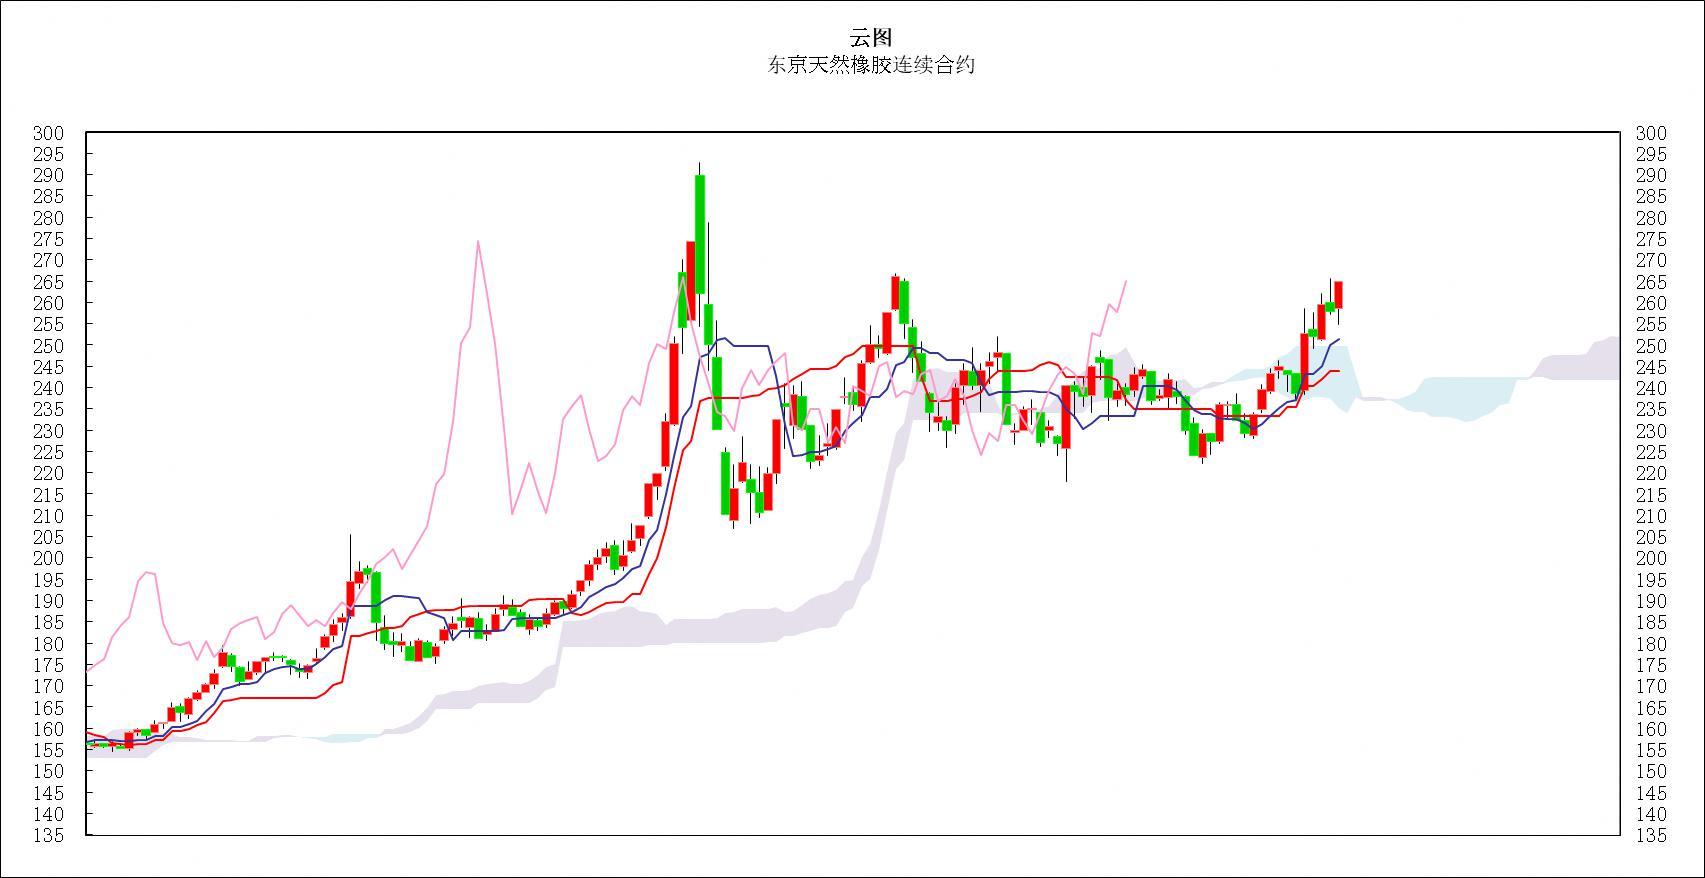 日本商品市场日评:东京黄金价格低位振荡,橡胶远月一退一进